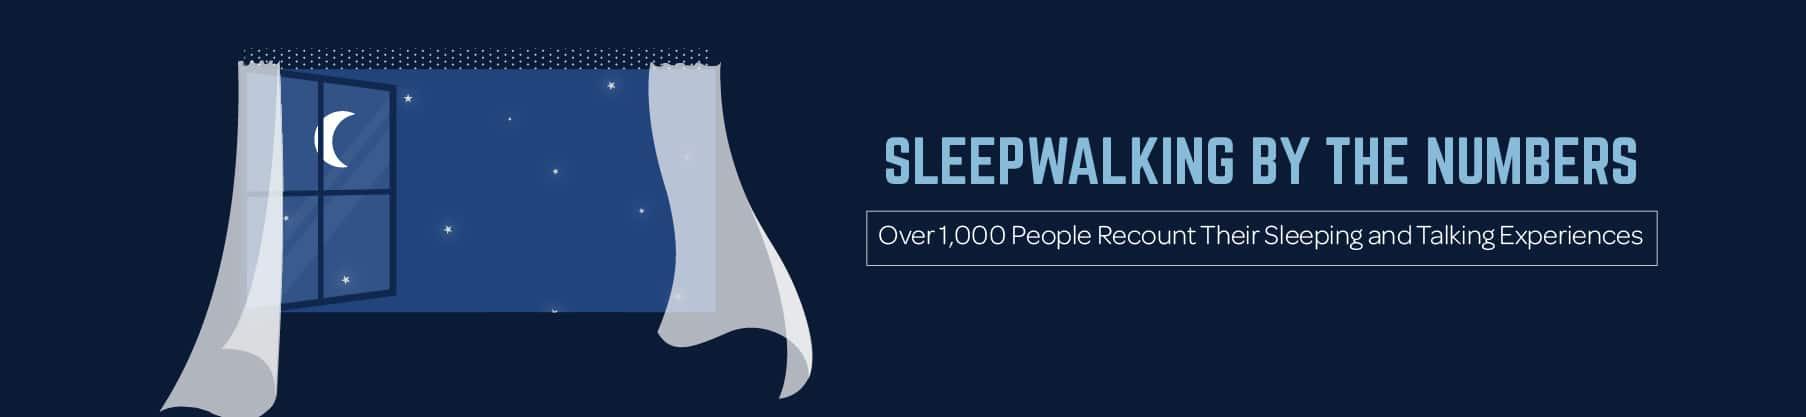 Sleepwalking by the Numbers